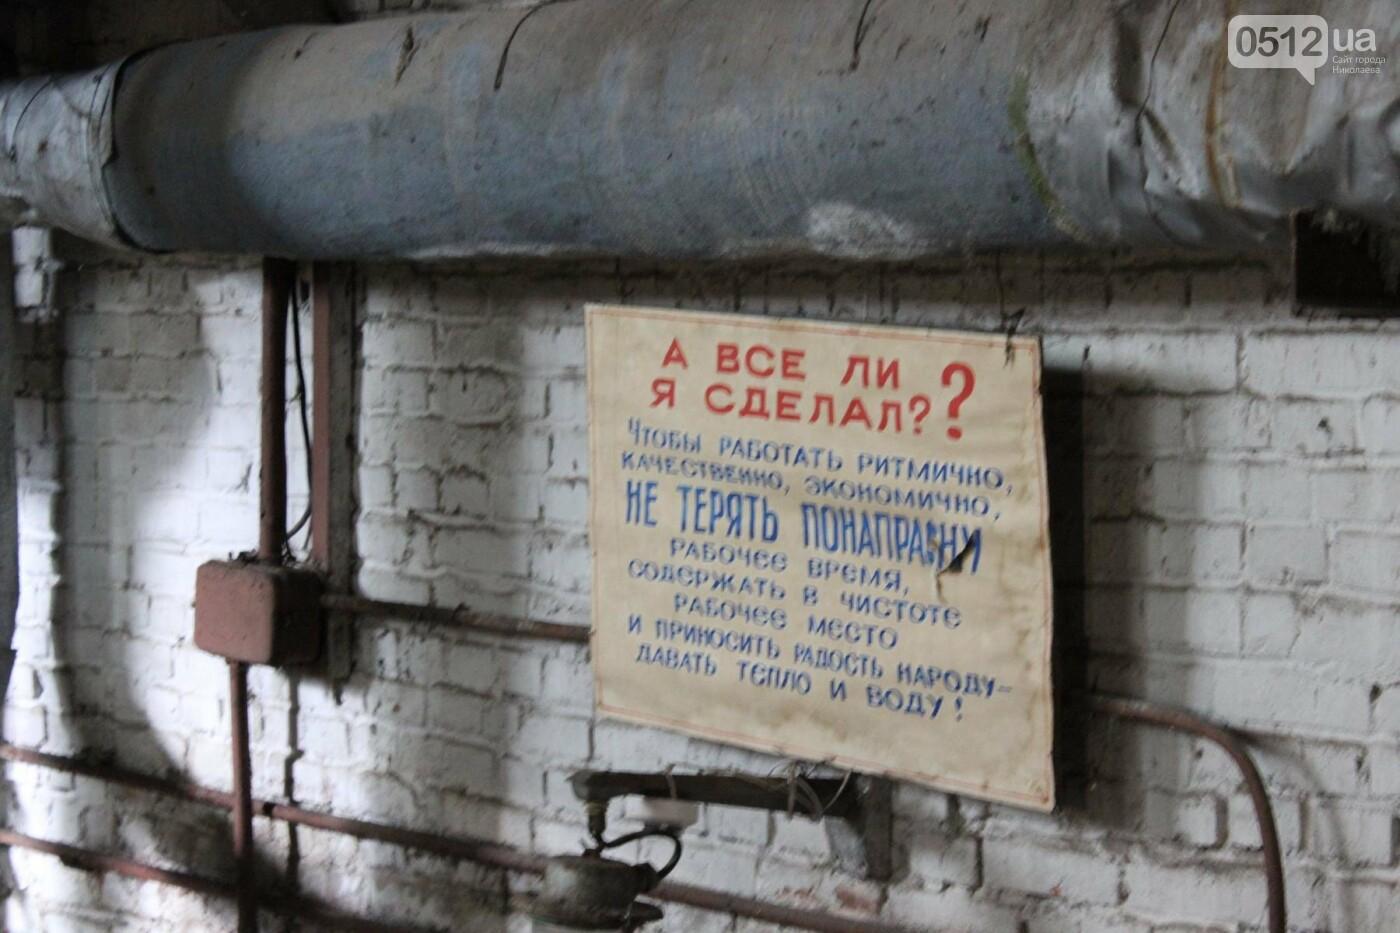 «Николаевоблтеплоэнерго» показало имущество предприятия, которое планирует списать, - ФОТО, фото-3